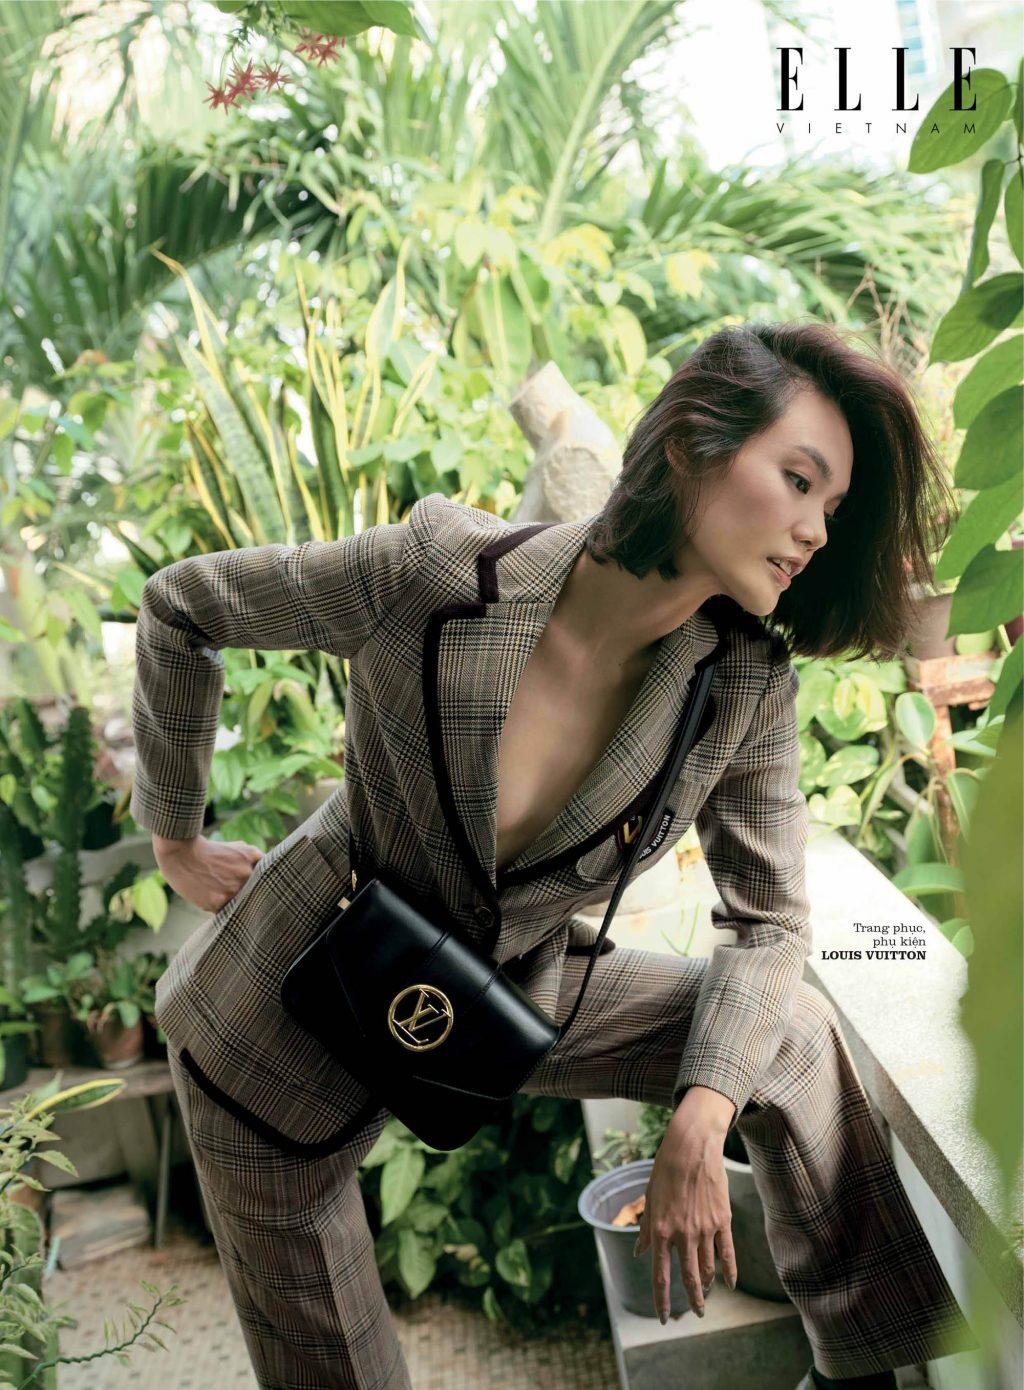 bộ ảnh thời trang áo kẻ caro Louis Vuitton